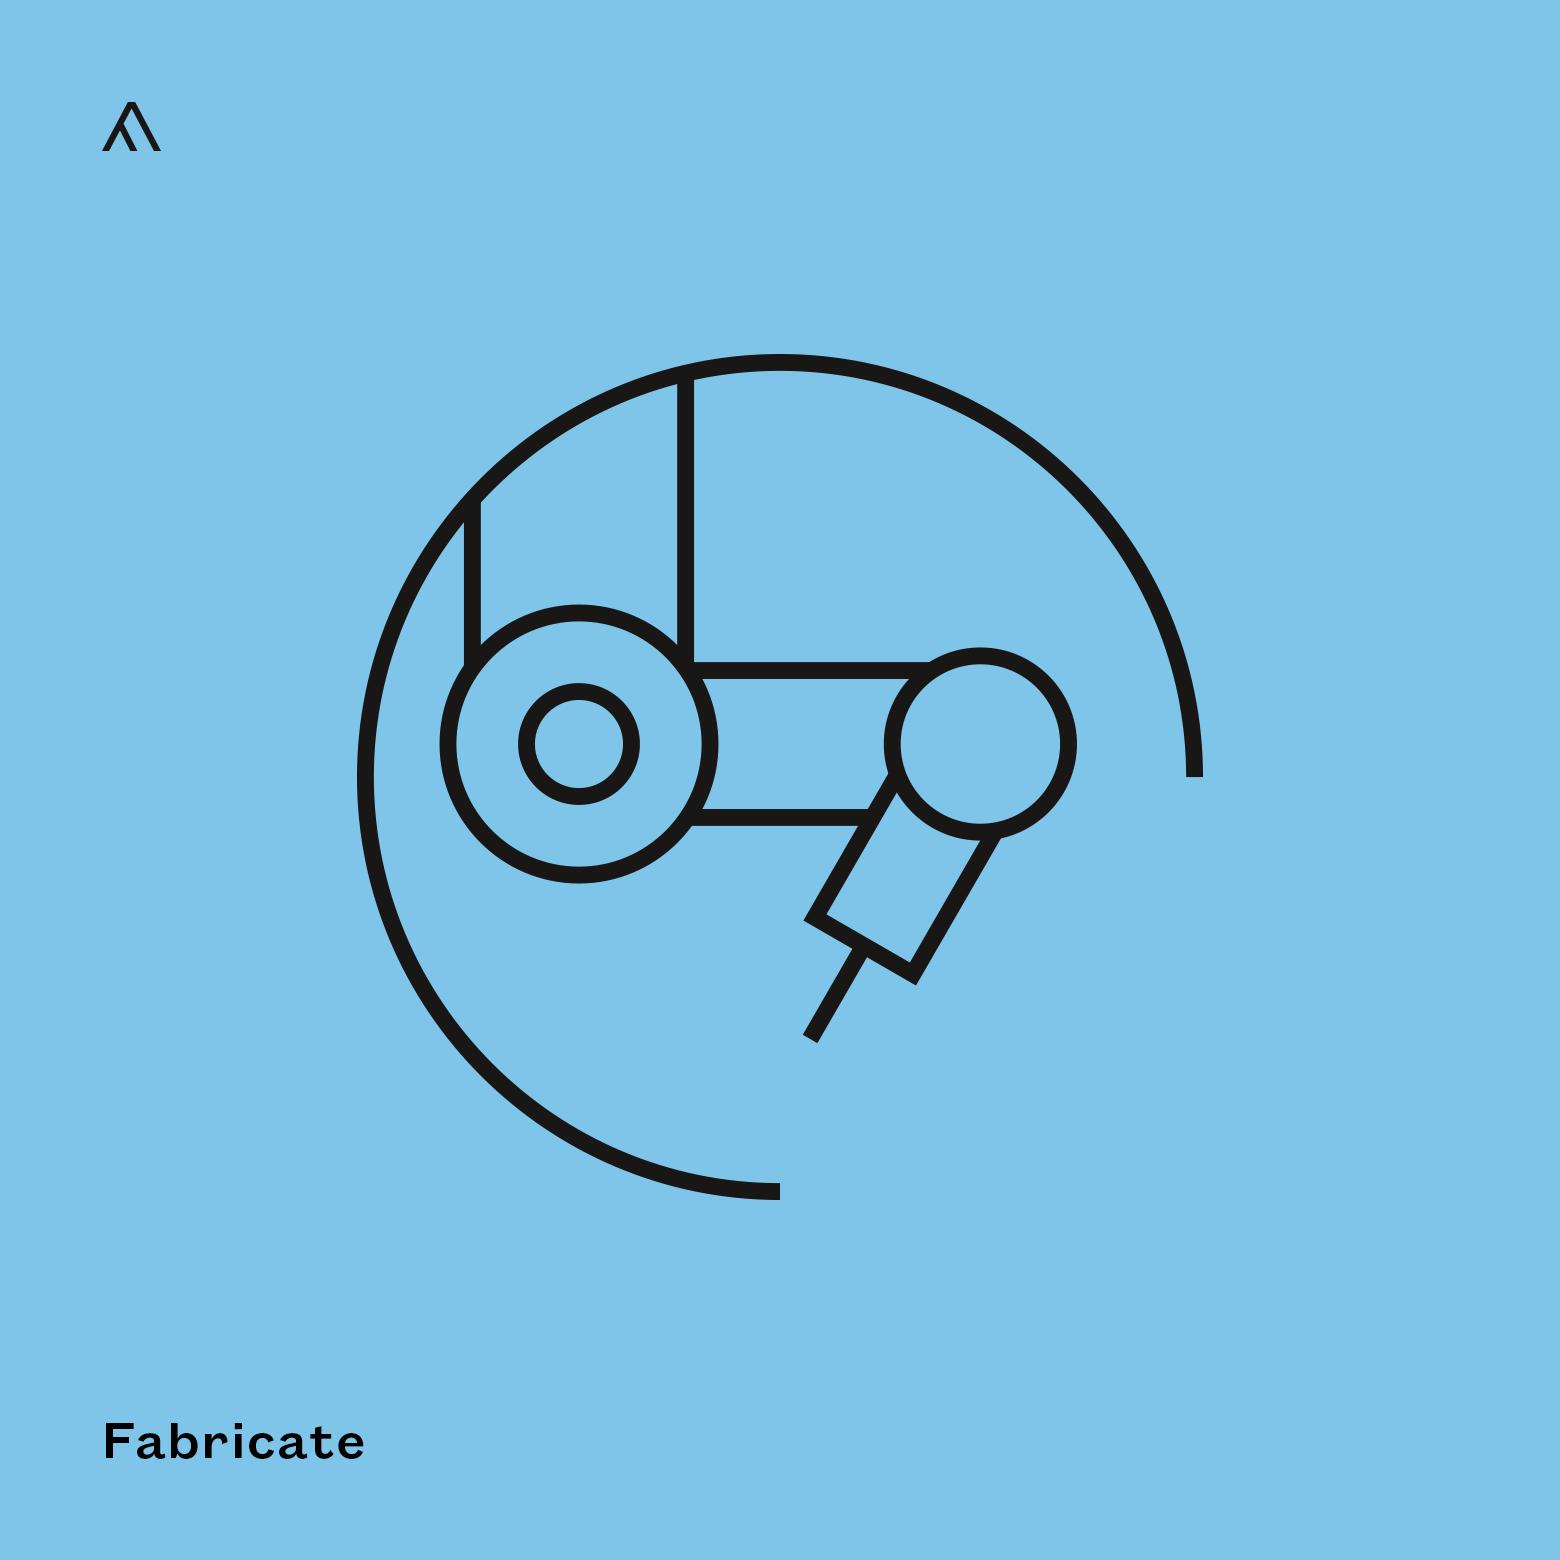 asx-corporatedesign-buero-ink-fabricate